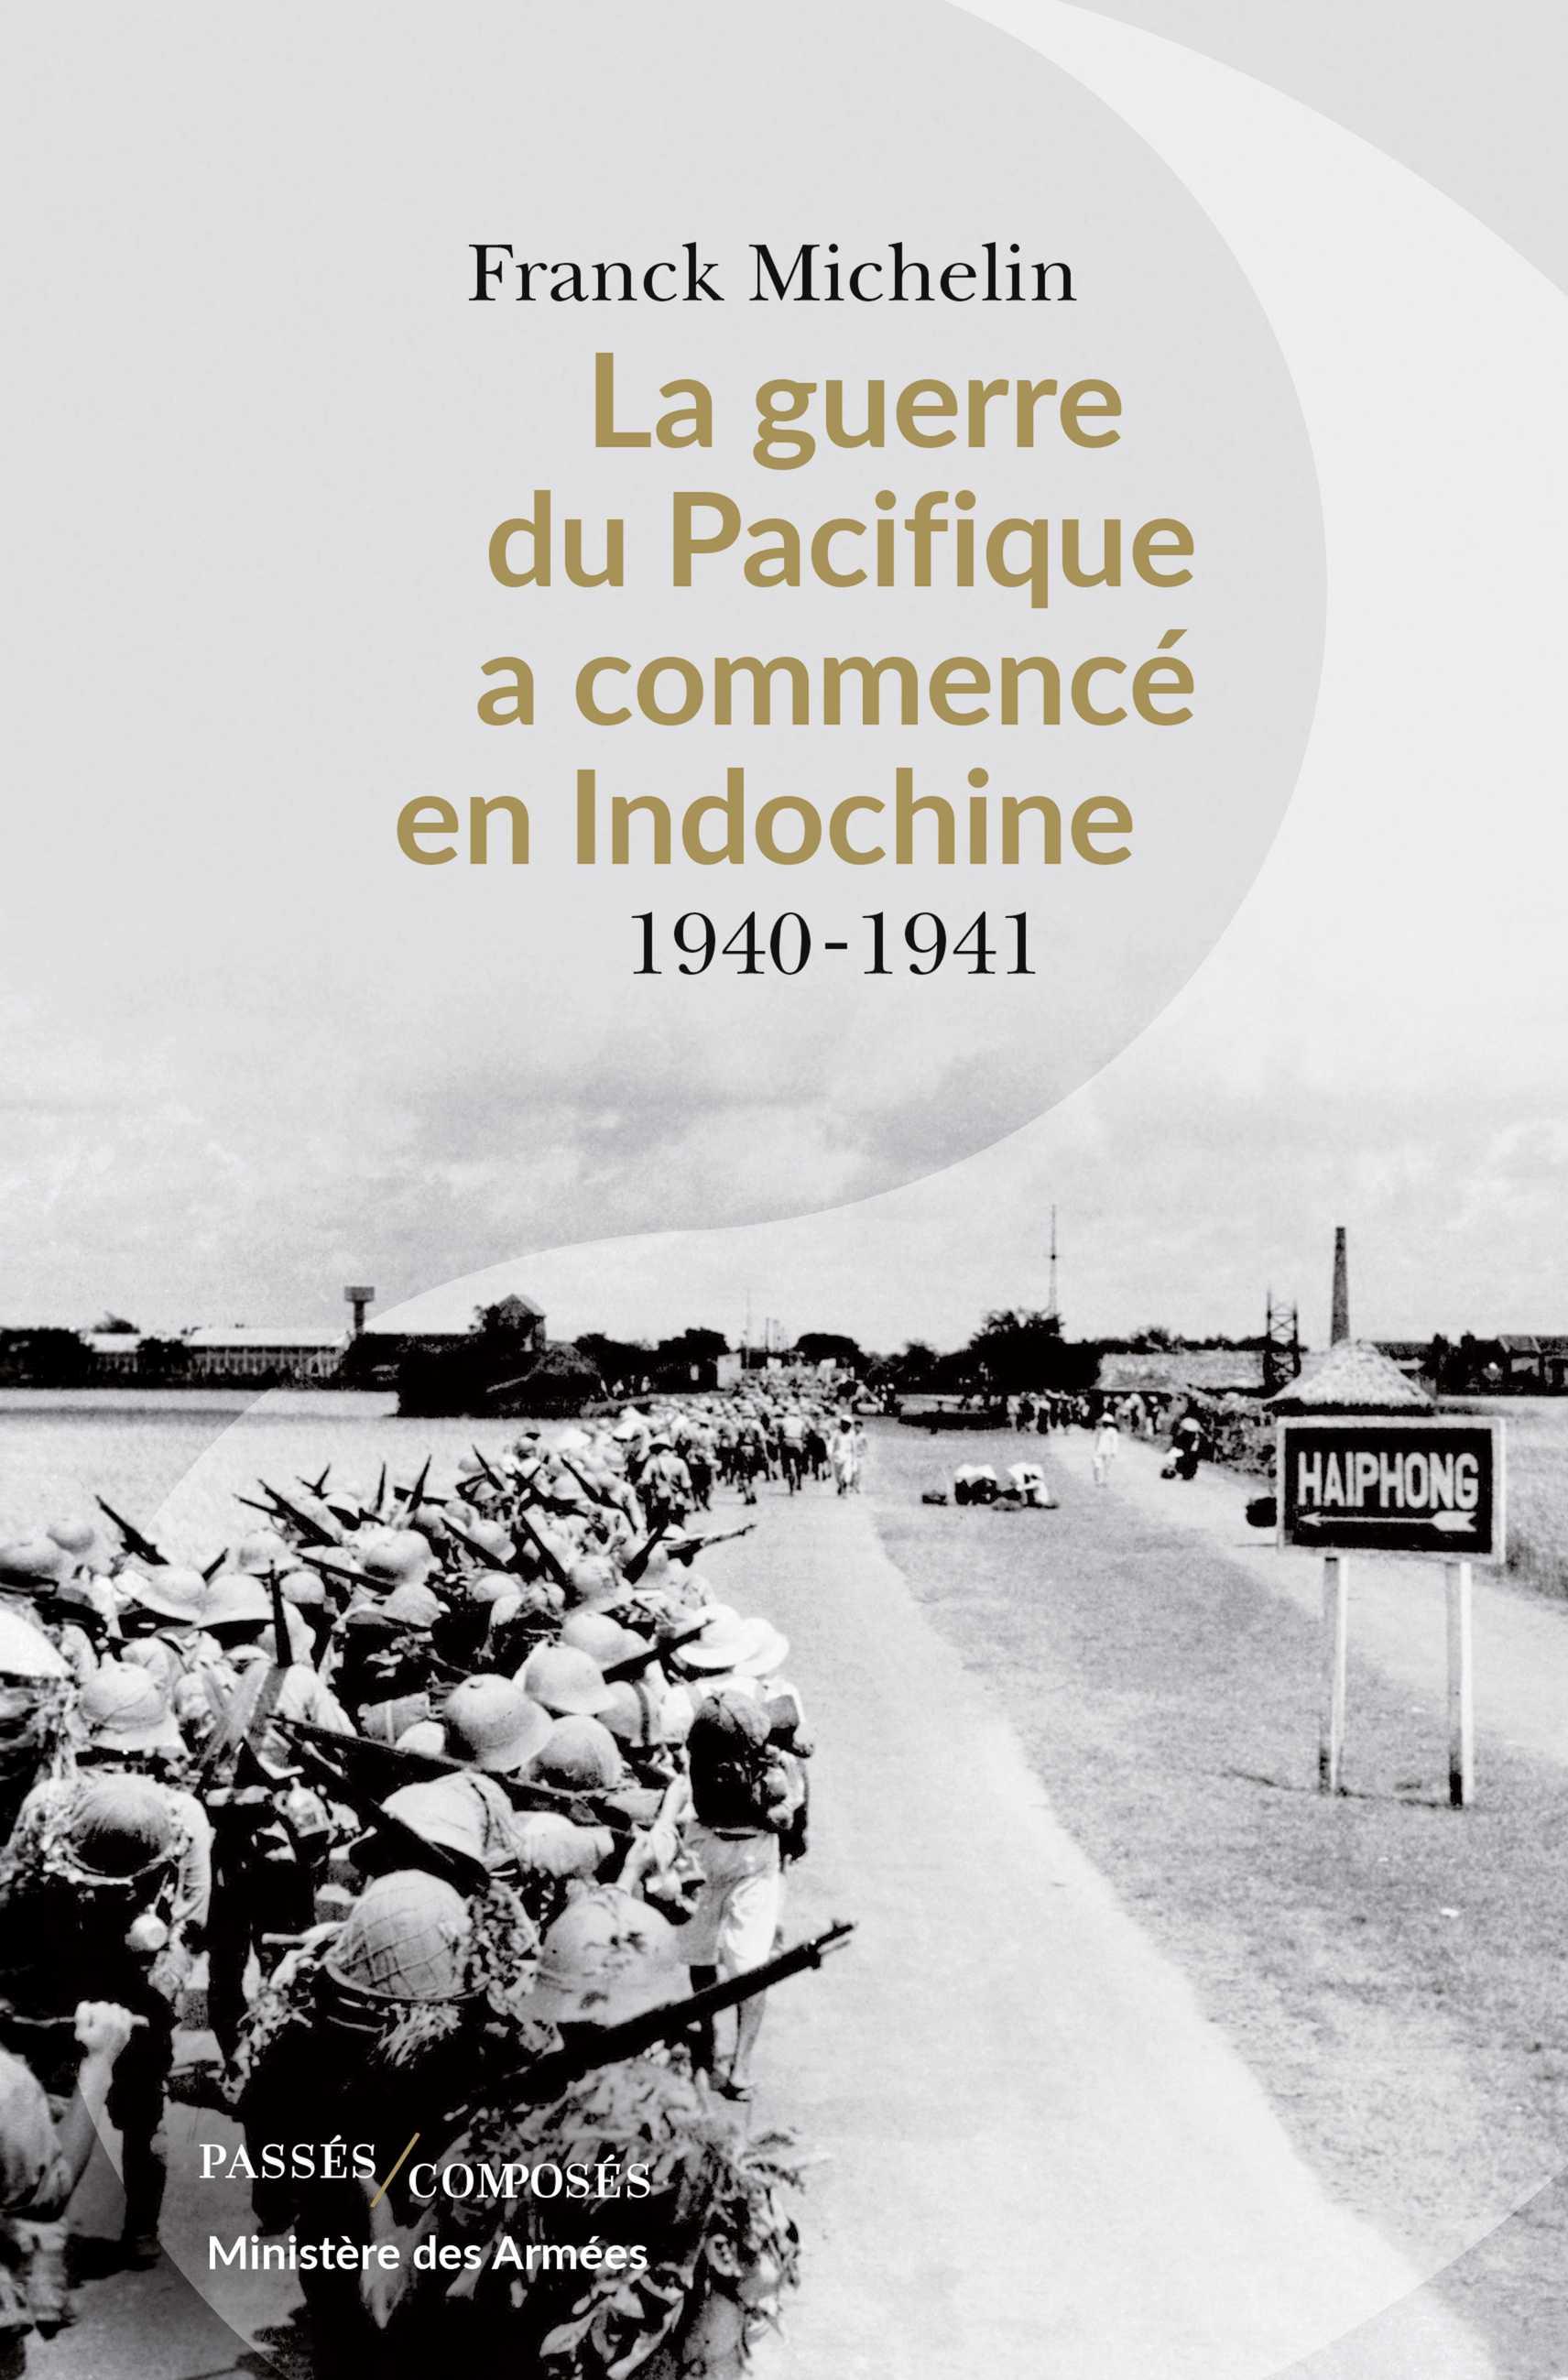 La Guerre du Pacifique a commencé en Indochine